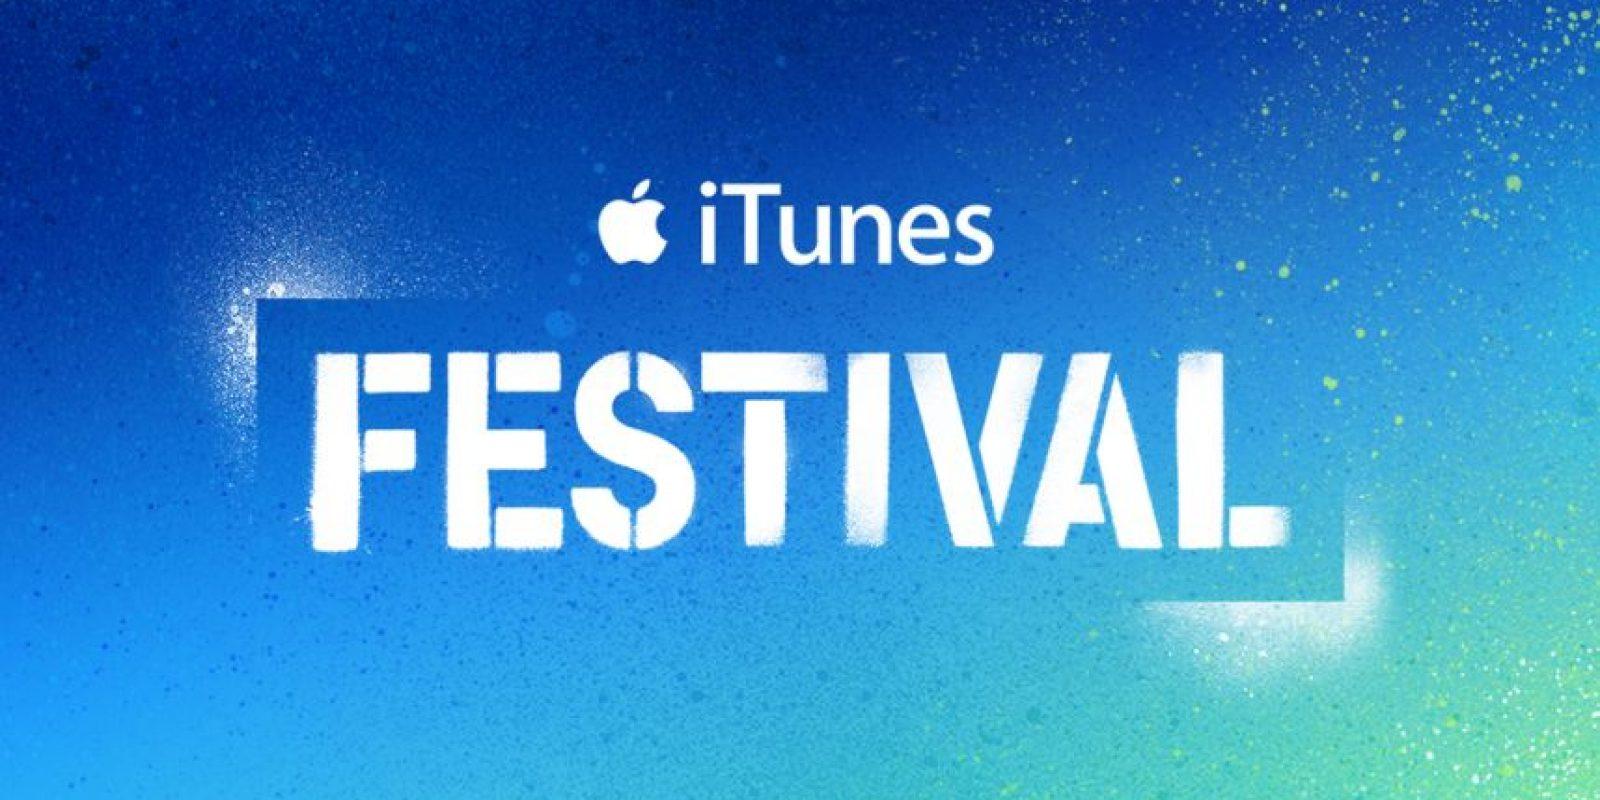 El festival oficial de música de Apple inició actividades en 2007 Foto:Apple